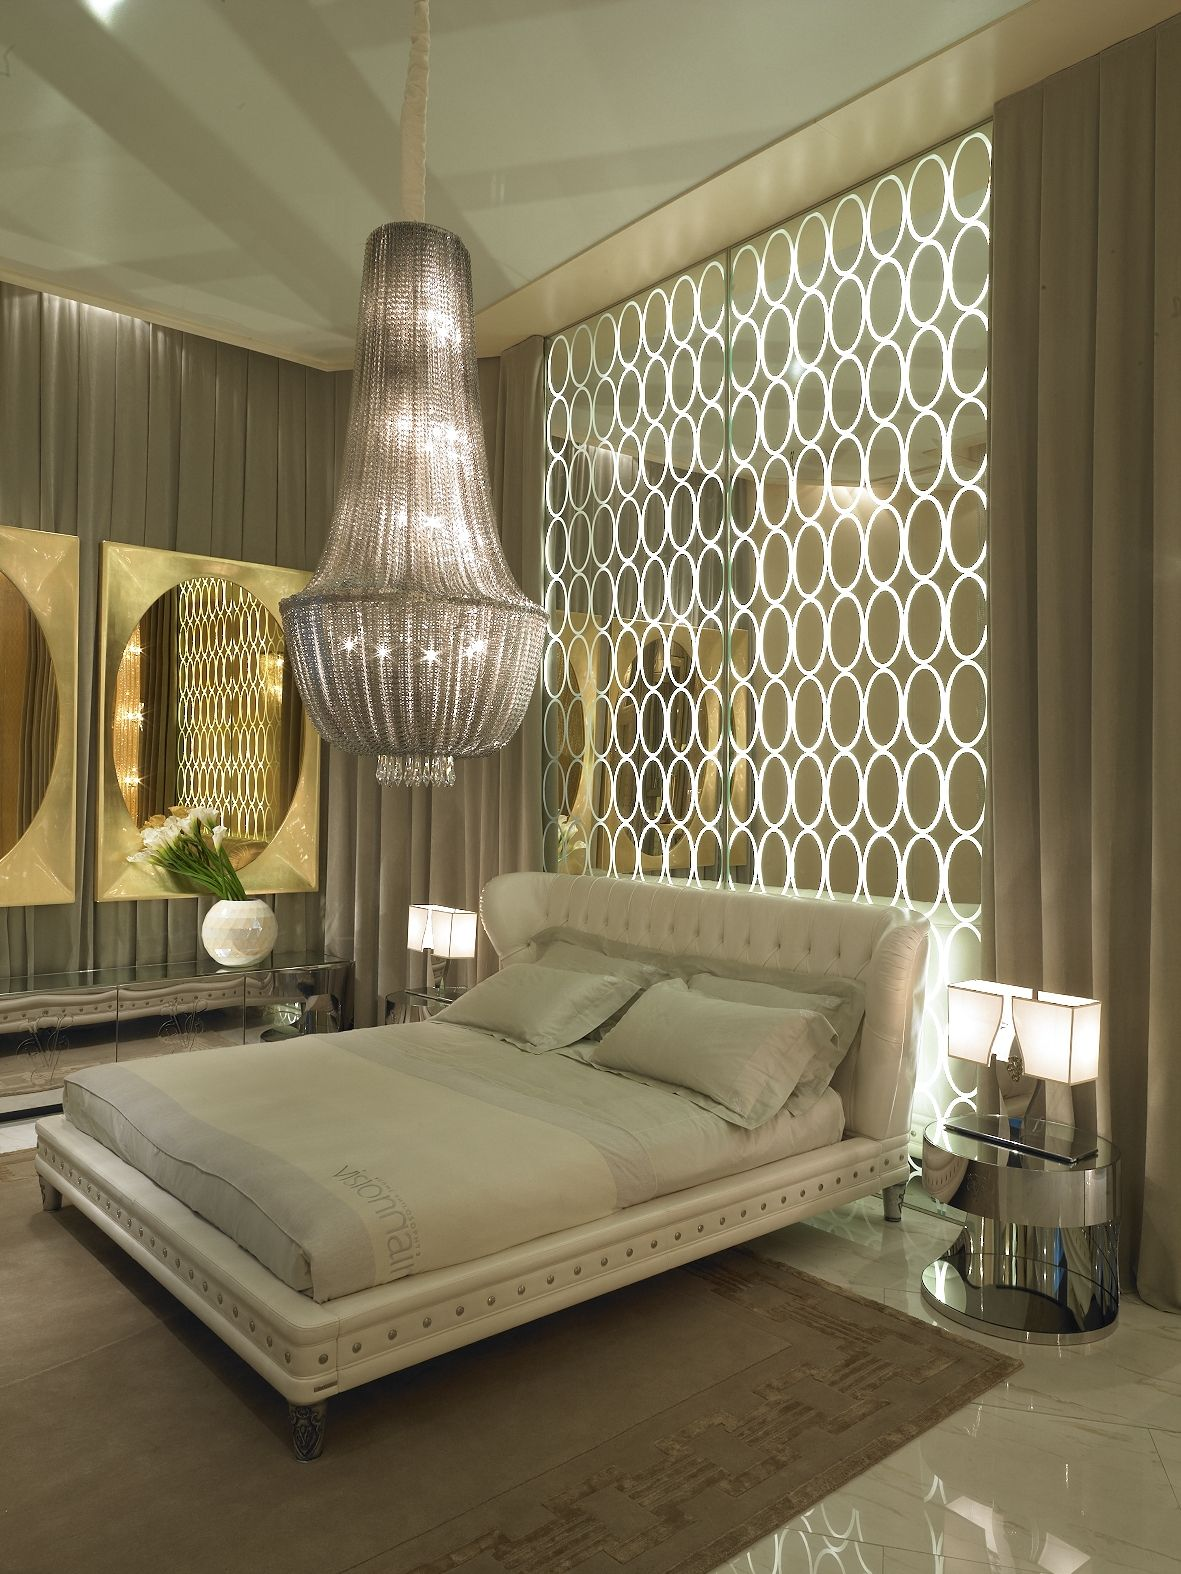 Luxury Bedrooms Luxury Bedroom Furniture Designer Bedroom Furniture By Instyle Decor Com Luxurious Bedrooms Luxury Bedroom Design Elegant Master Bedroom